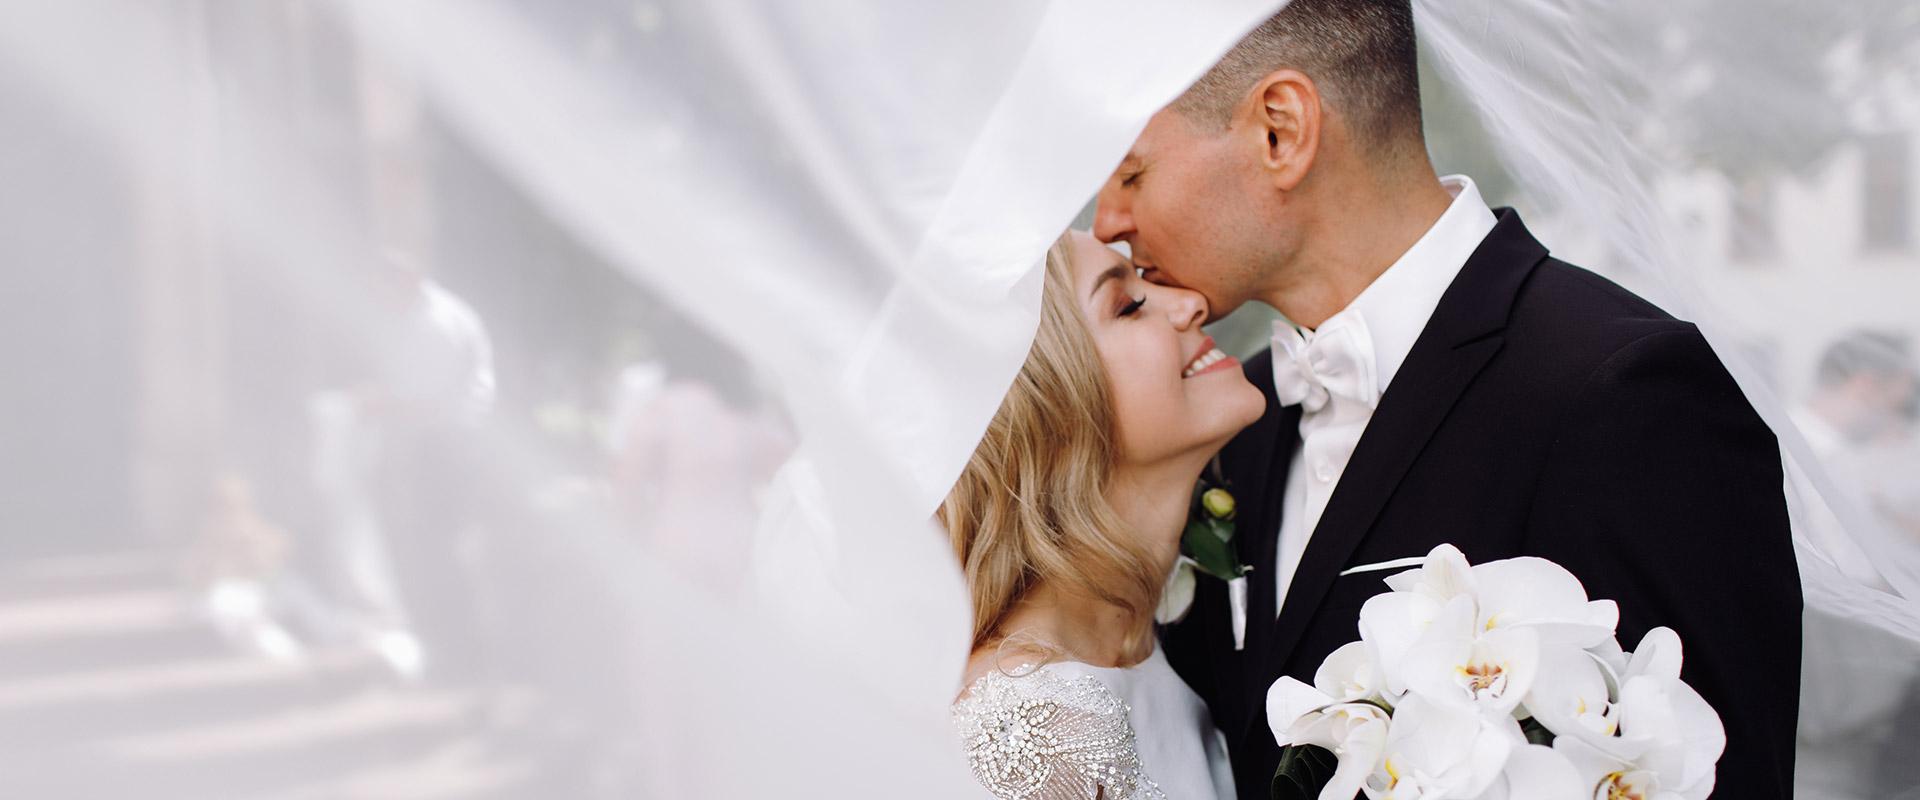 consigli utili per il tuo matrimonio